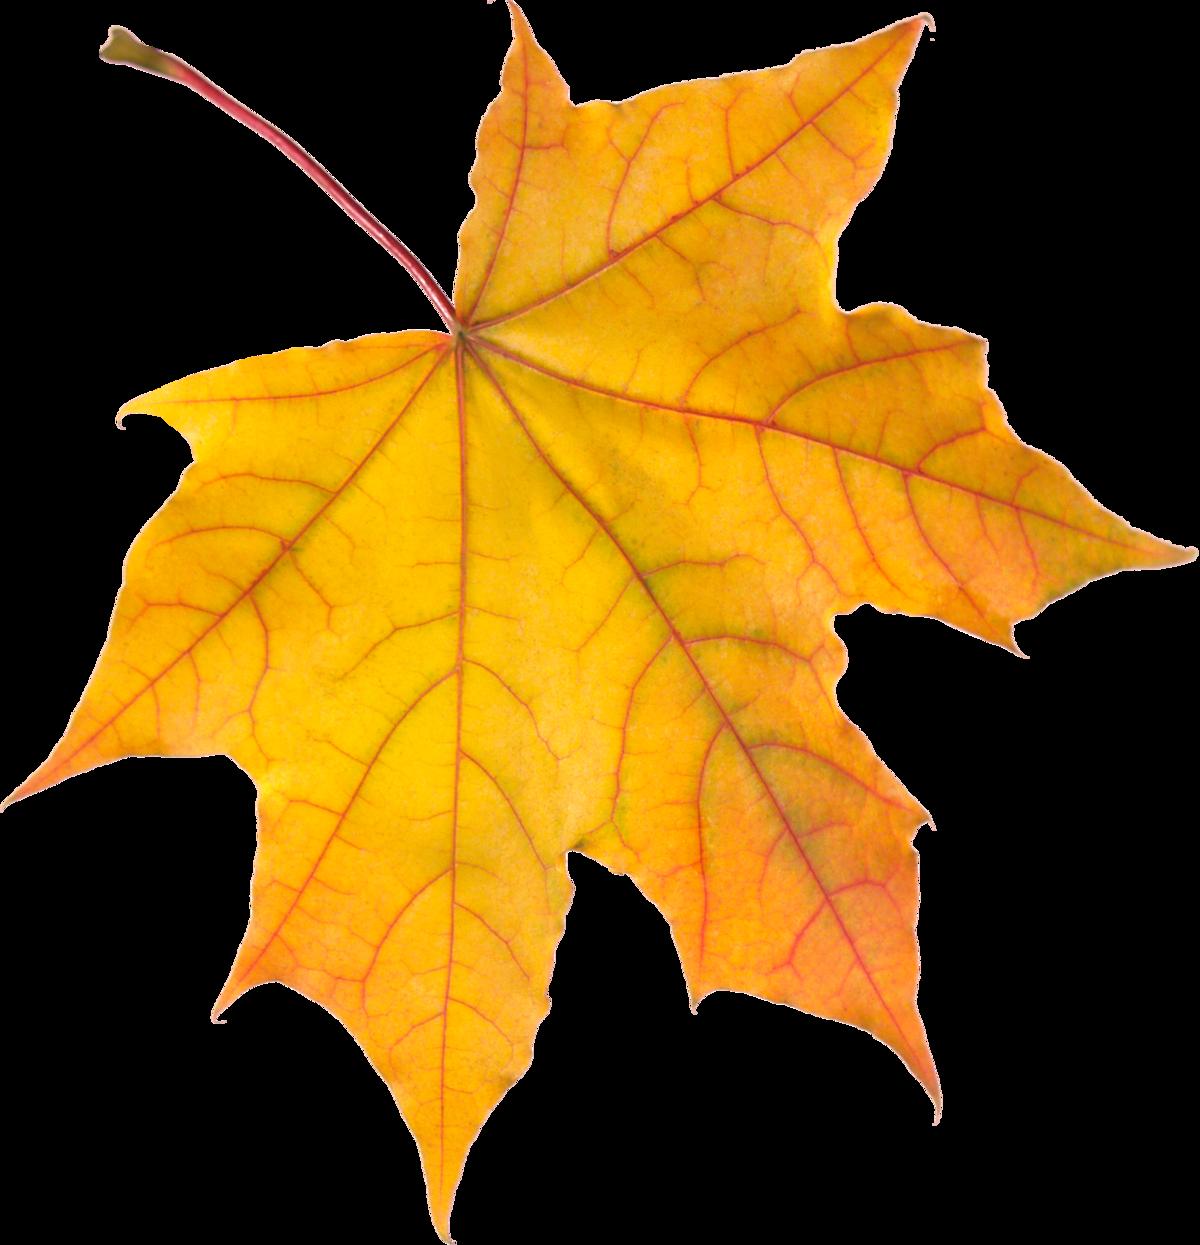 Желтые листья картинки на белом фоне